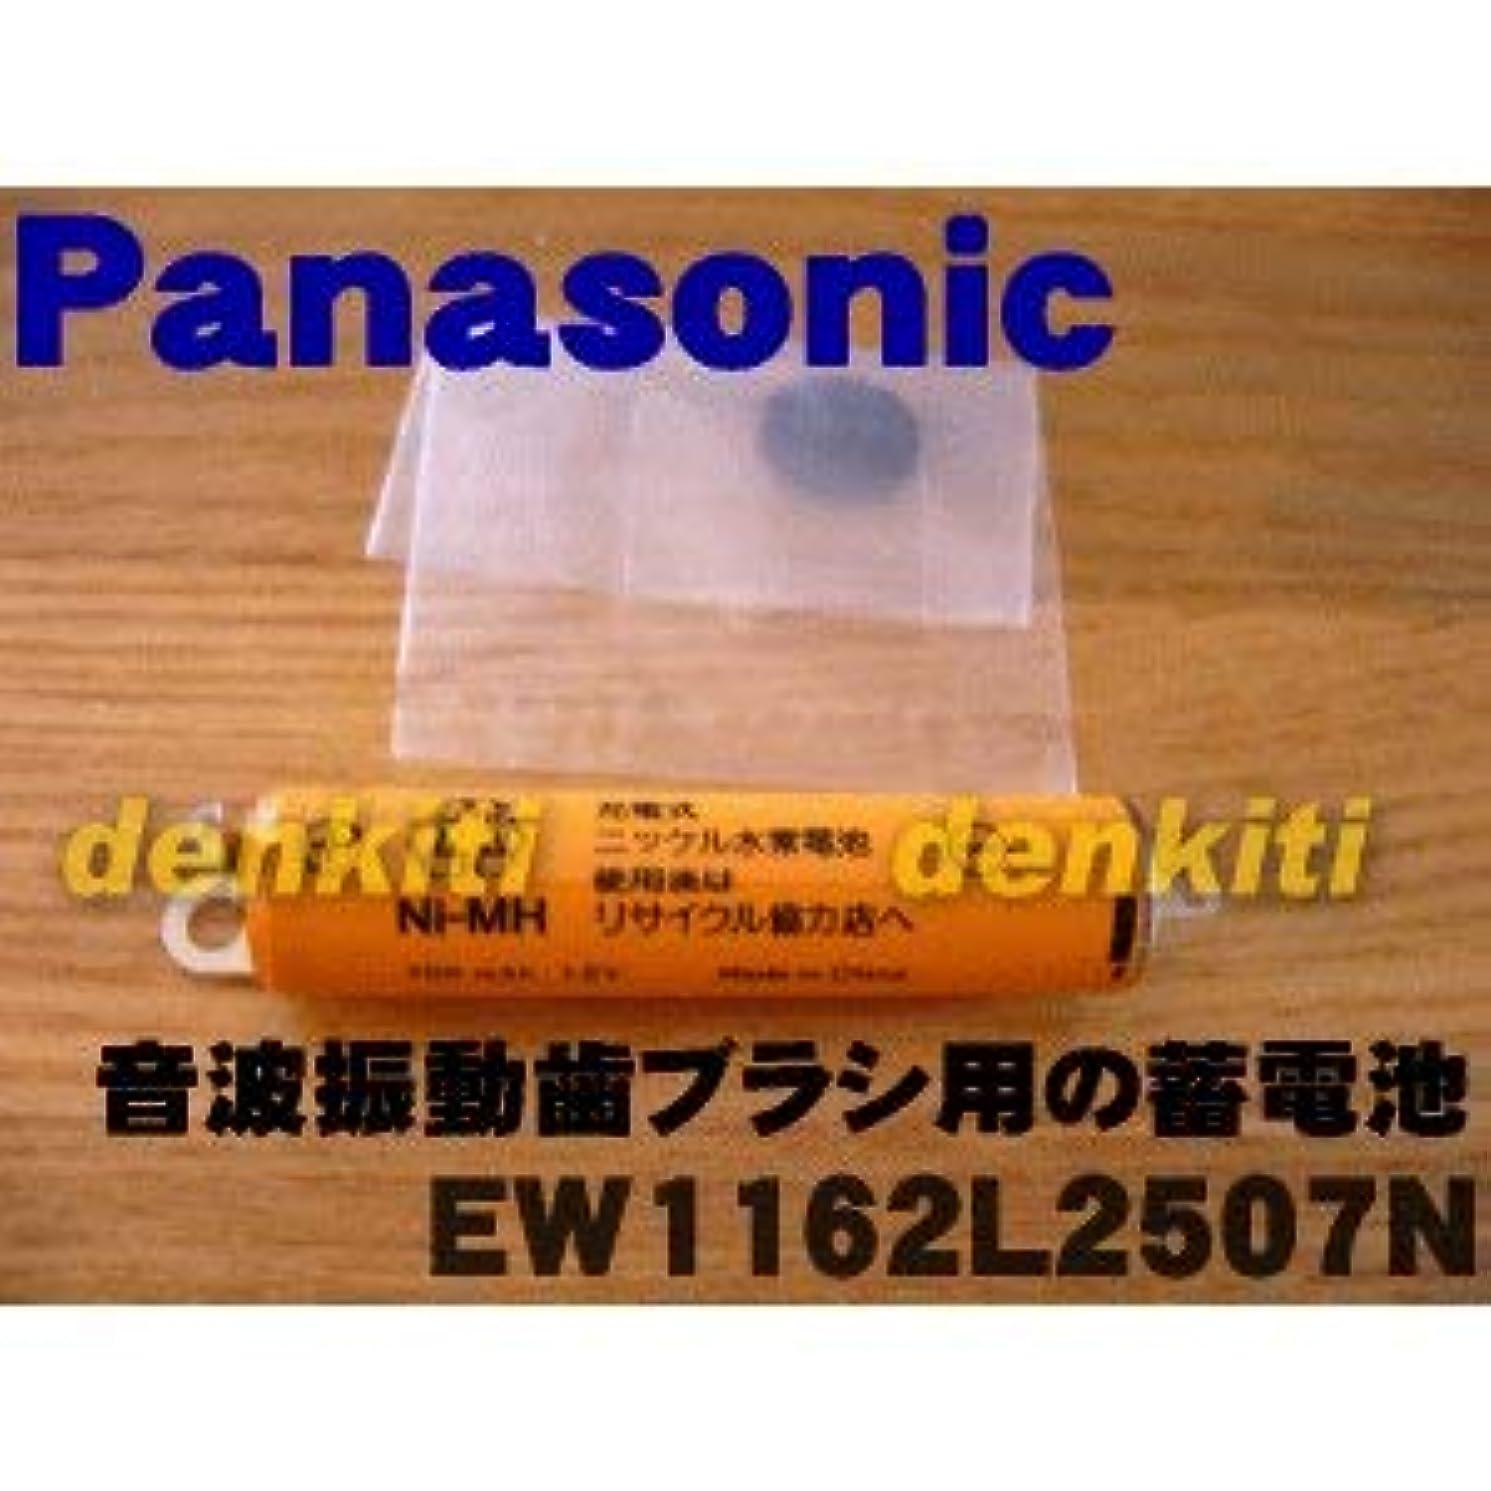 ホールド無声で枕パナソニック Panasonic 音波振動ハブラシ Doltz 蓄電池交換用蓄電池 EW1162L2507N